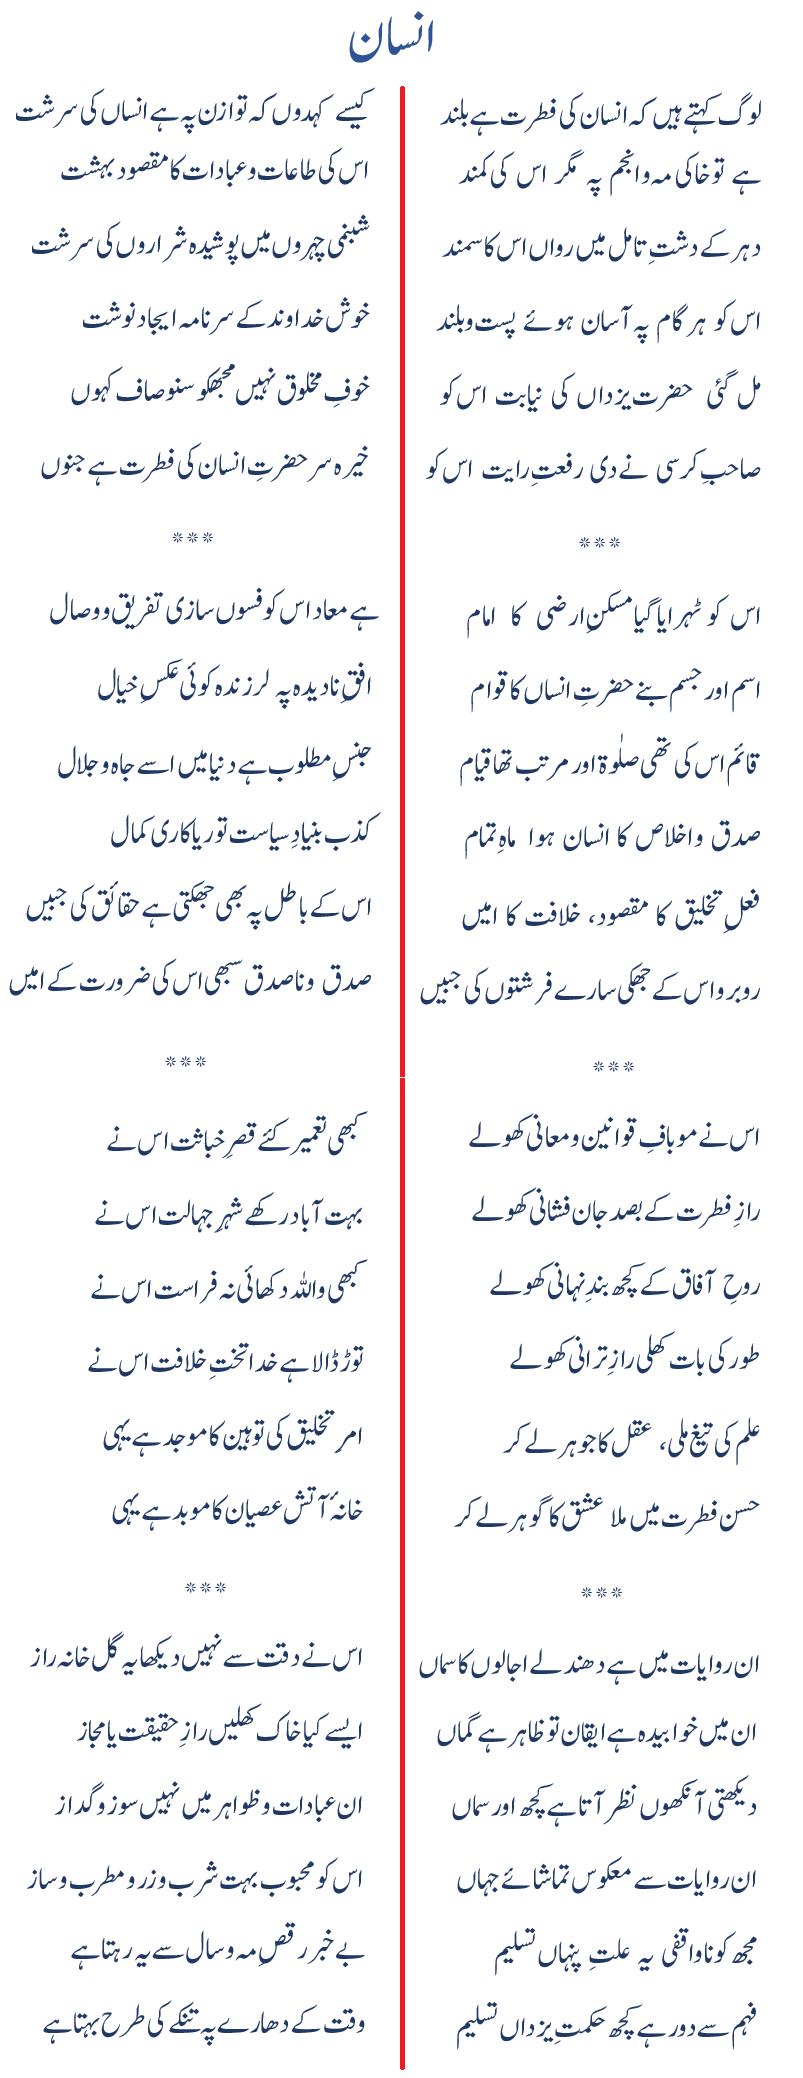 خان نوازش علی کی نظم انسان